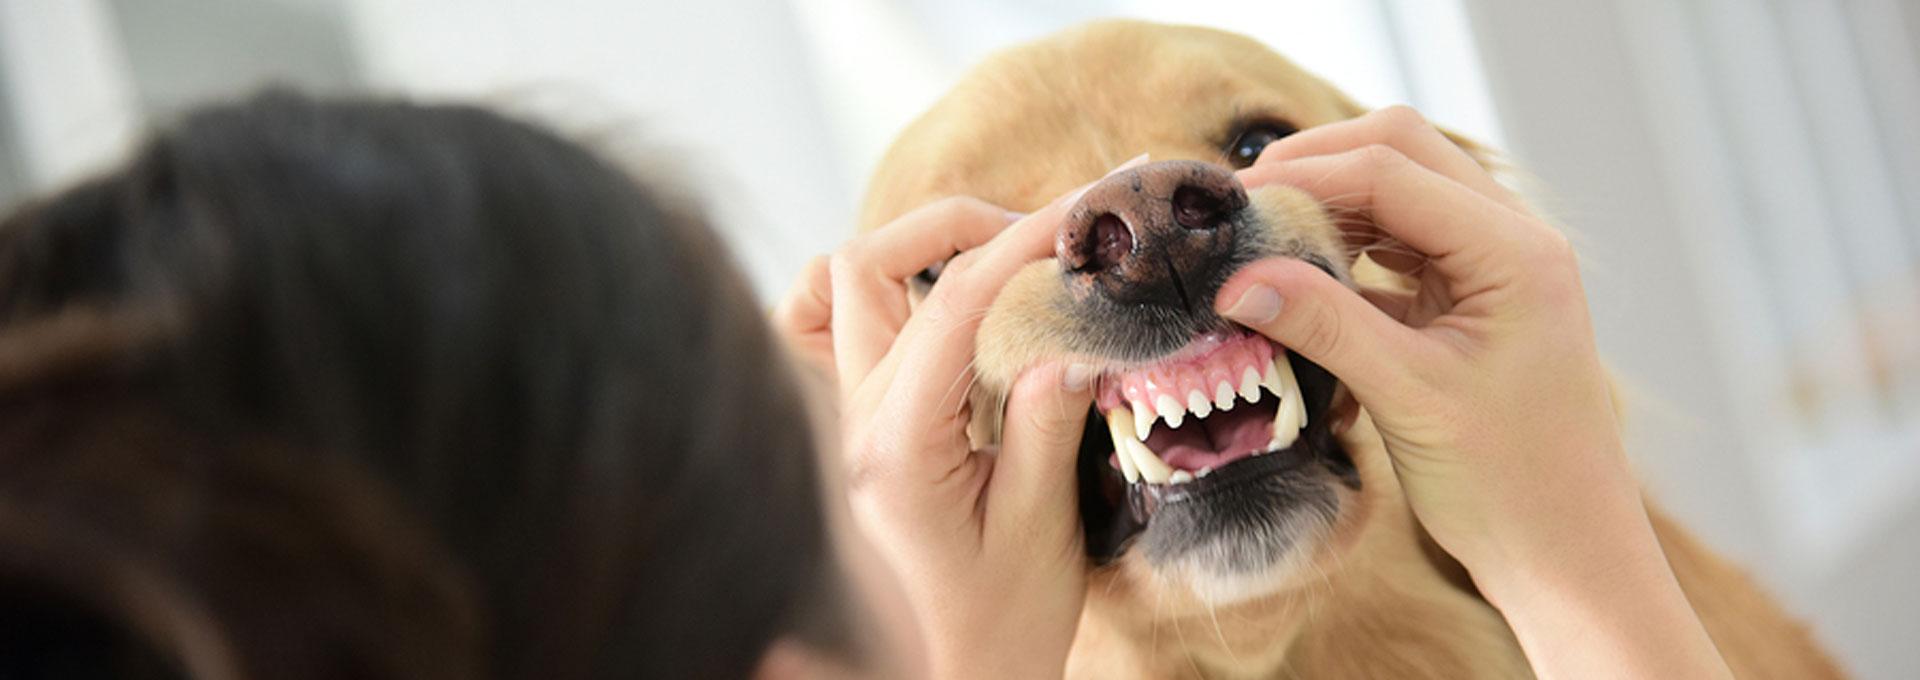 ennis-vet-clinic-dental-care-slider-04